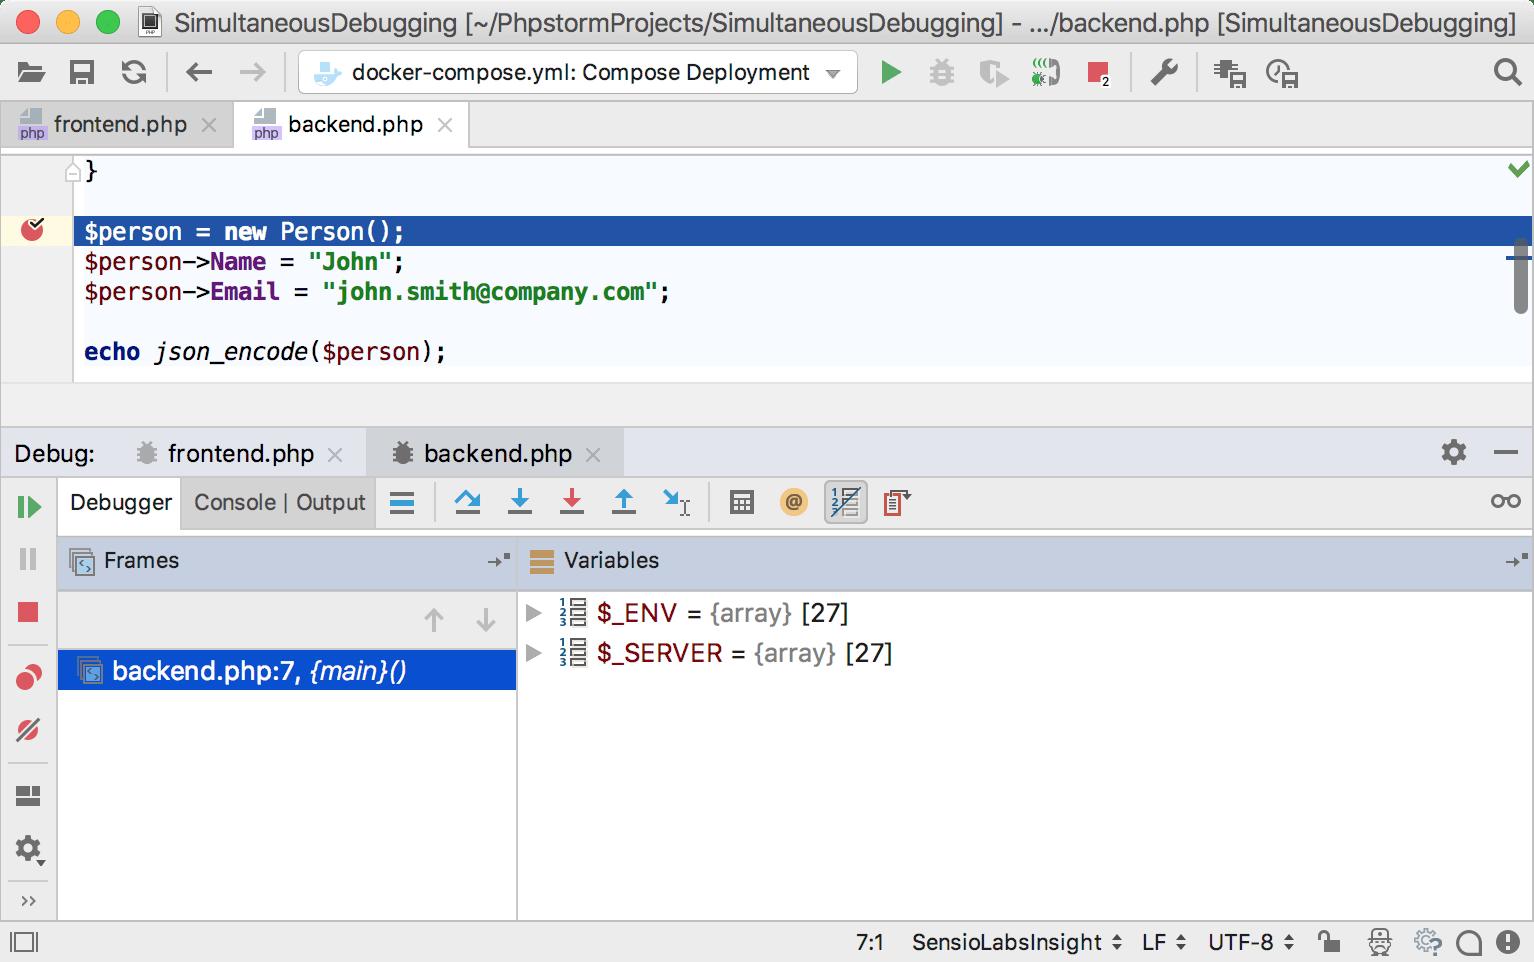 ps simultaneous debugging 2